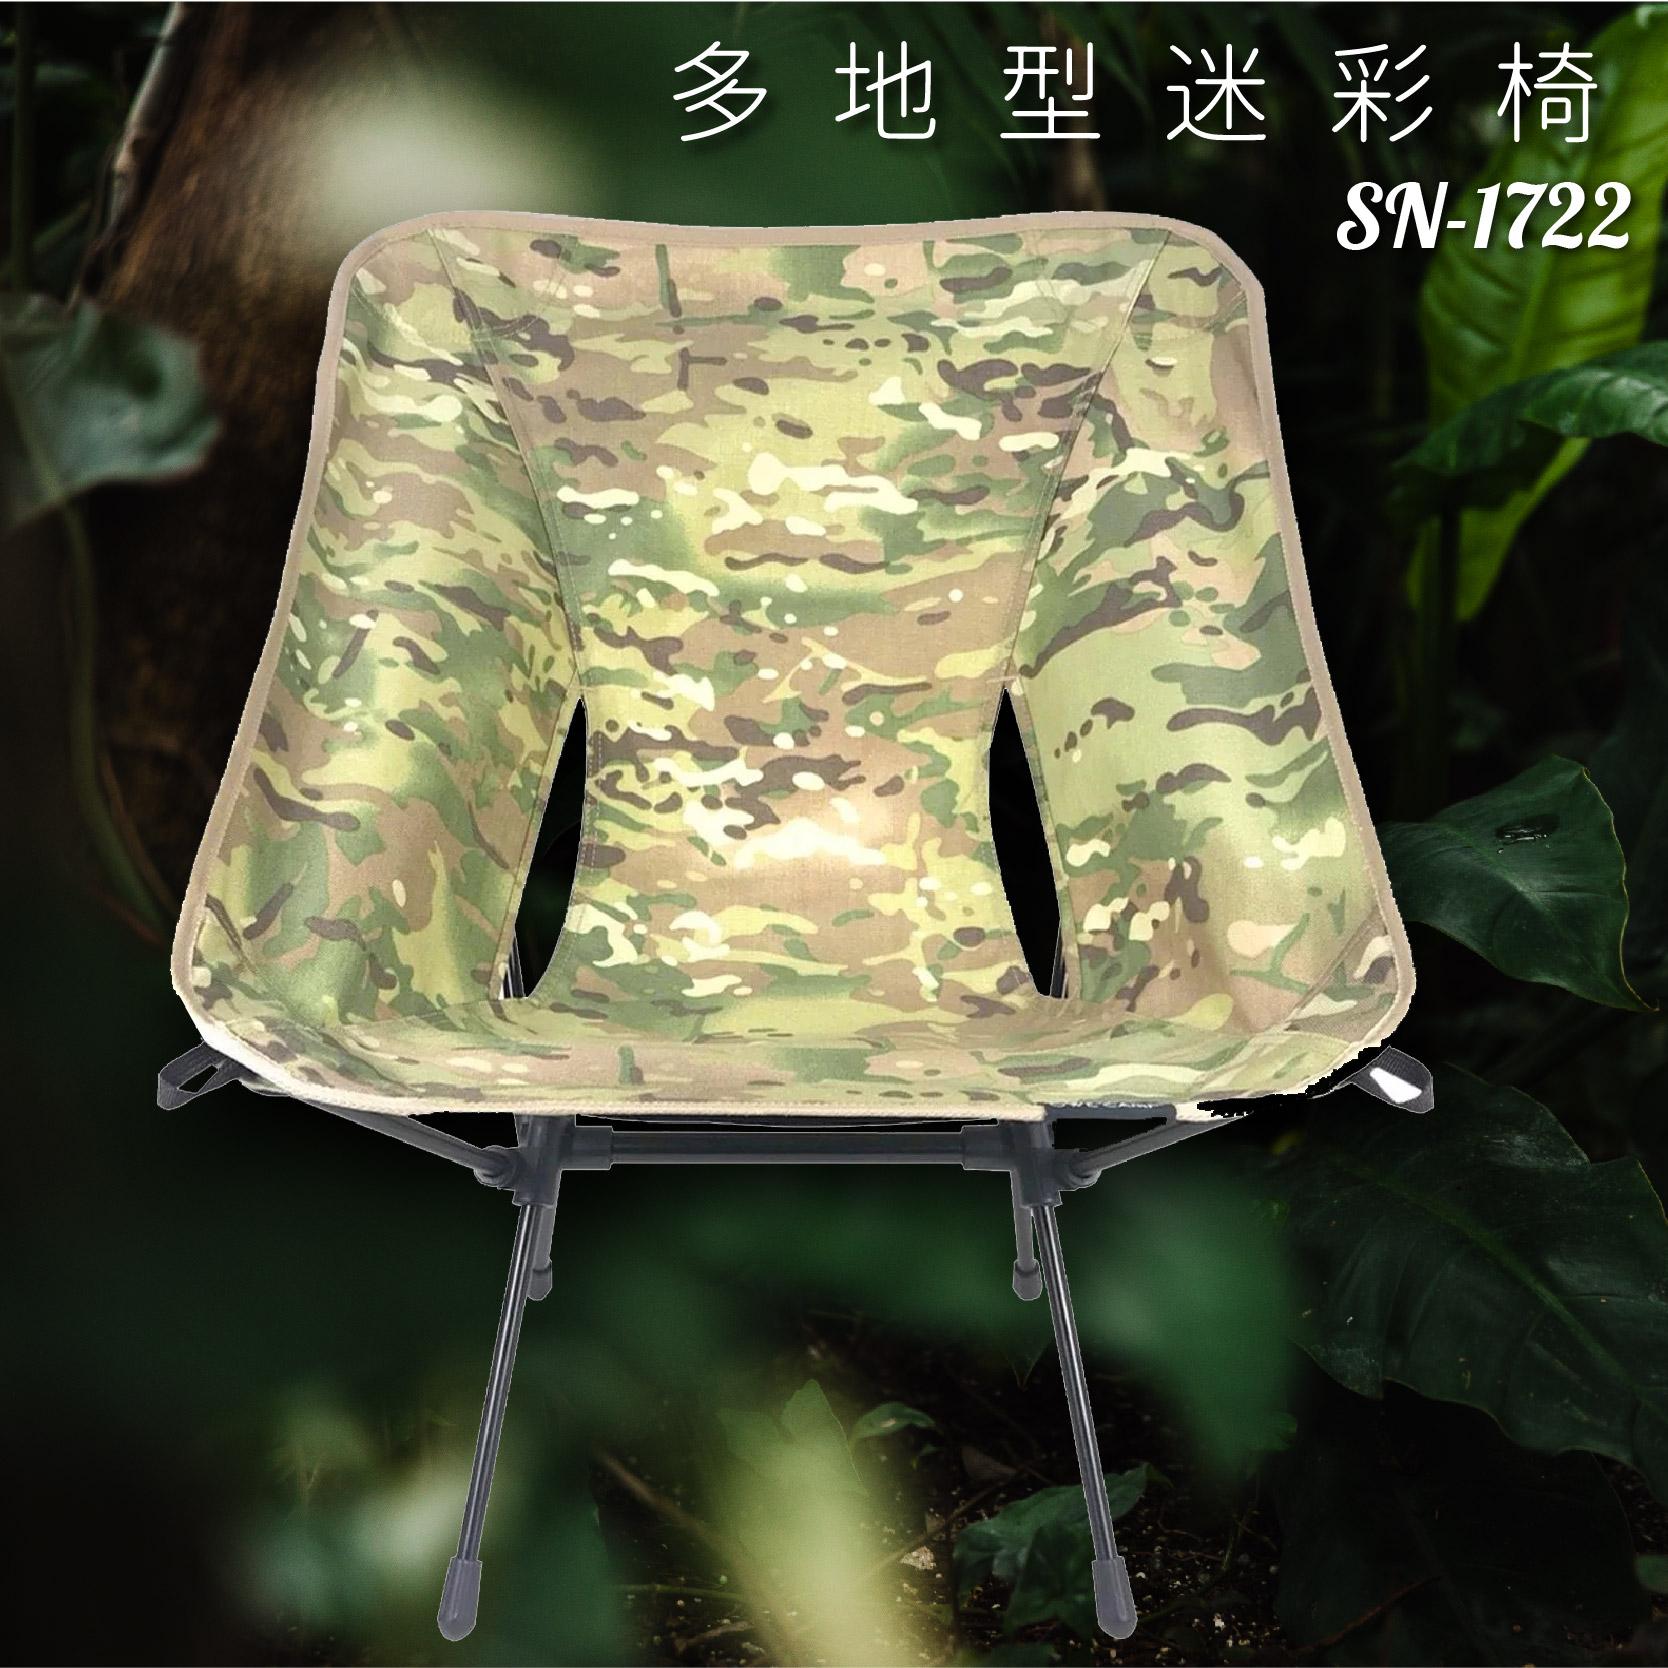 好想去旅行!戰術椅 SN-1722 多地形迷彩 露營椅 摺疊椅 收納椅 沙灘椅 輕巧 時尚 旅行 假期 鋁合金 機能布